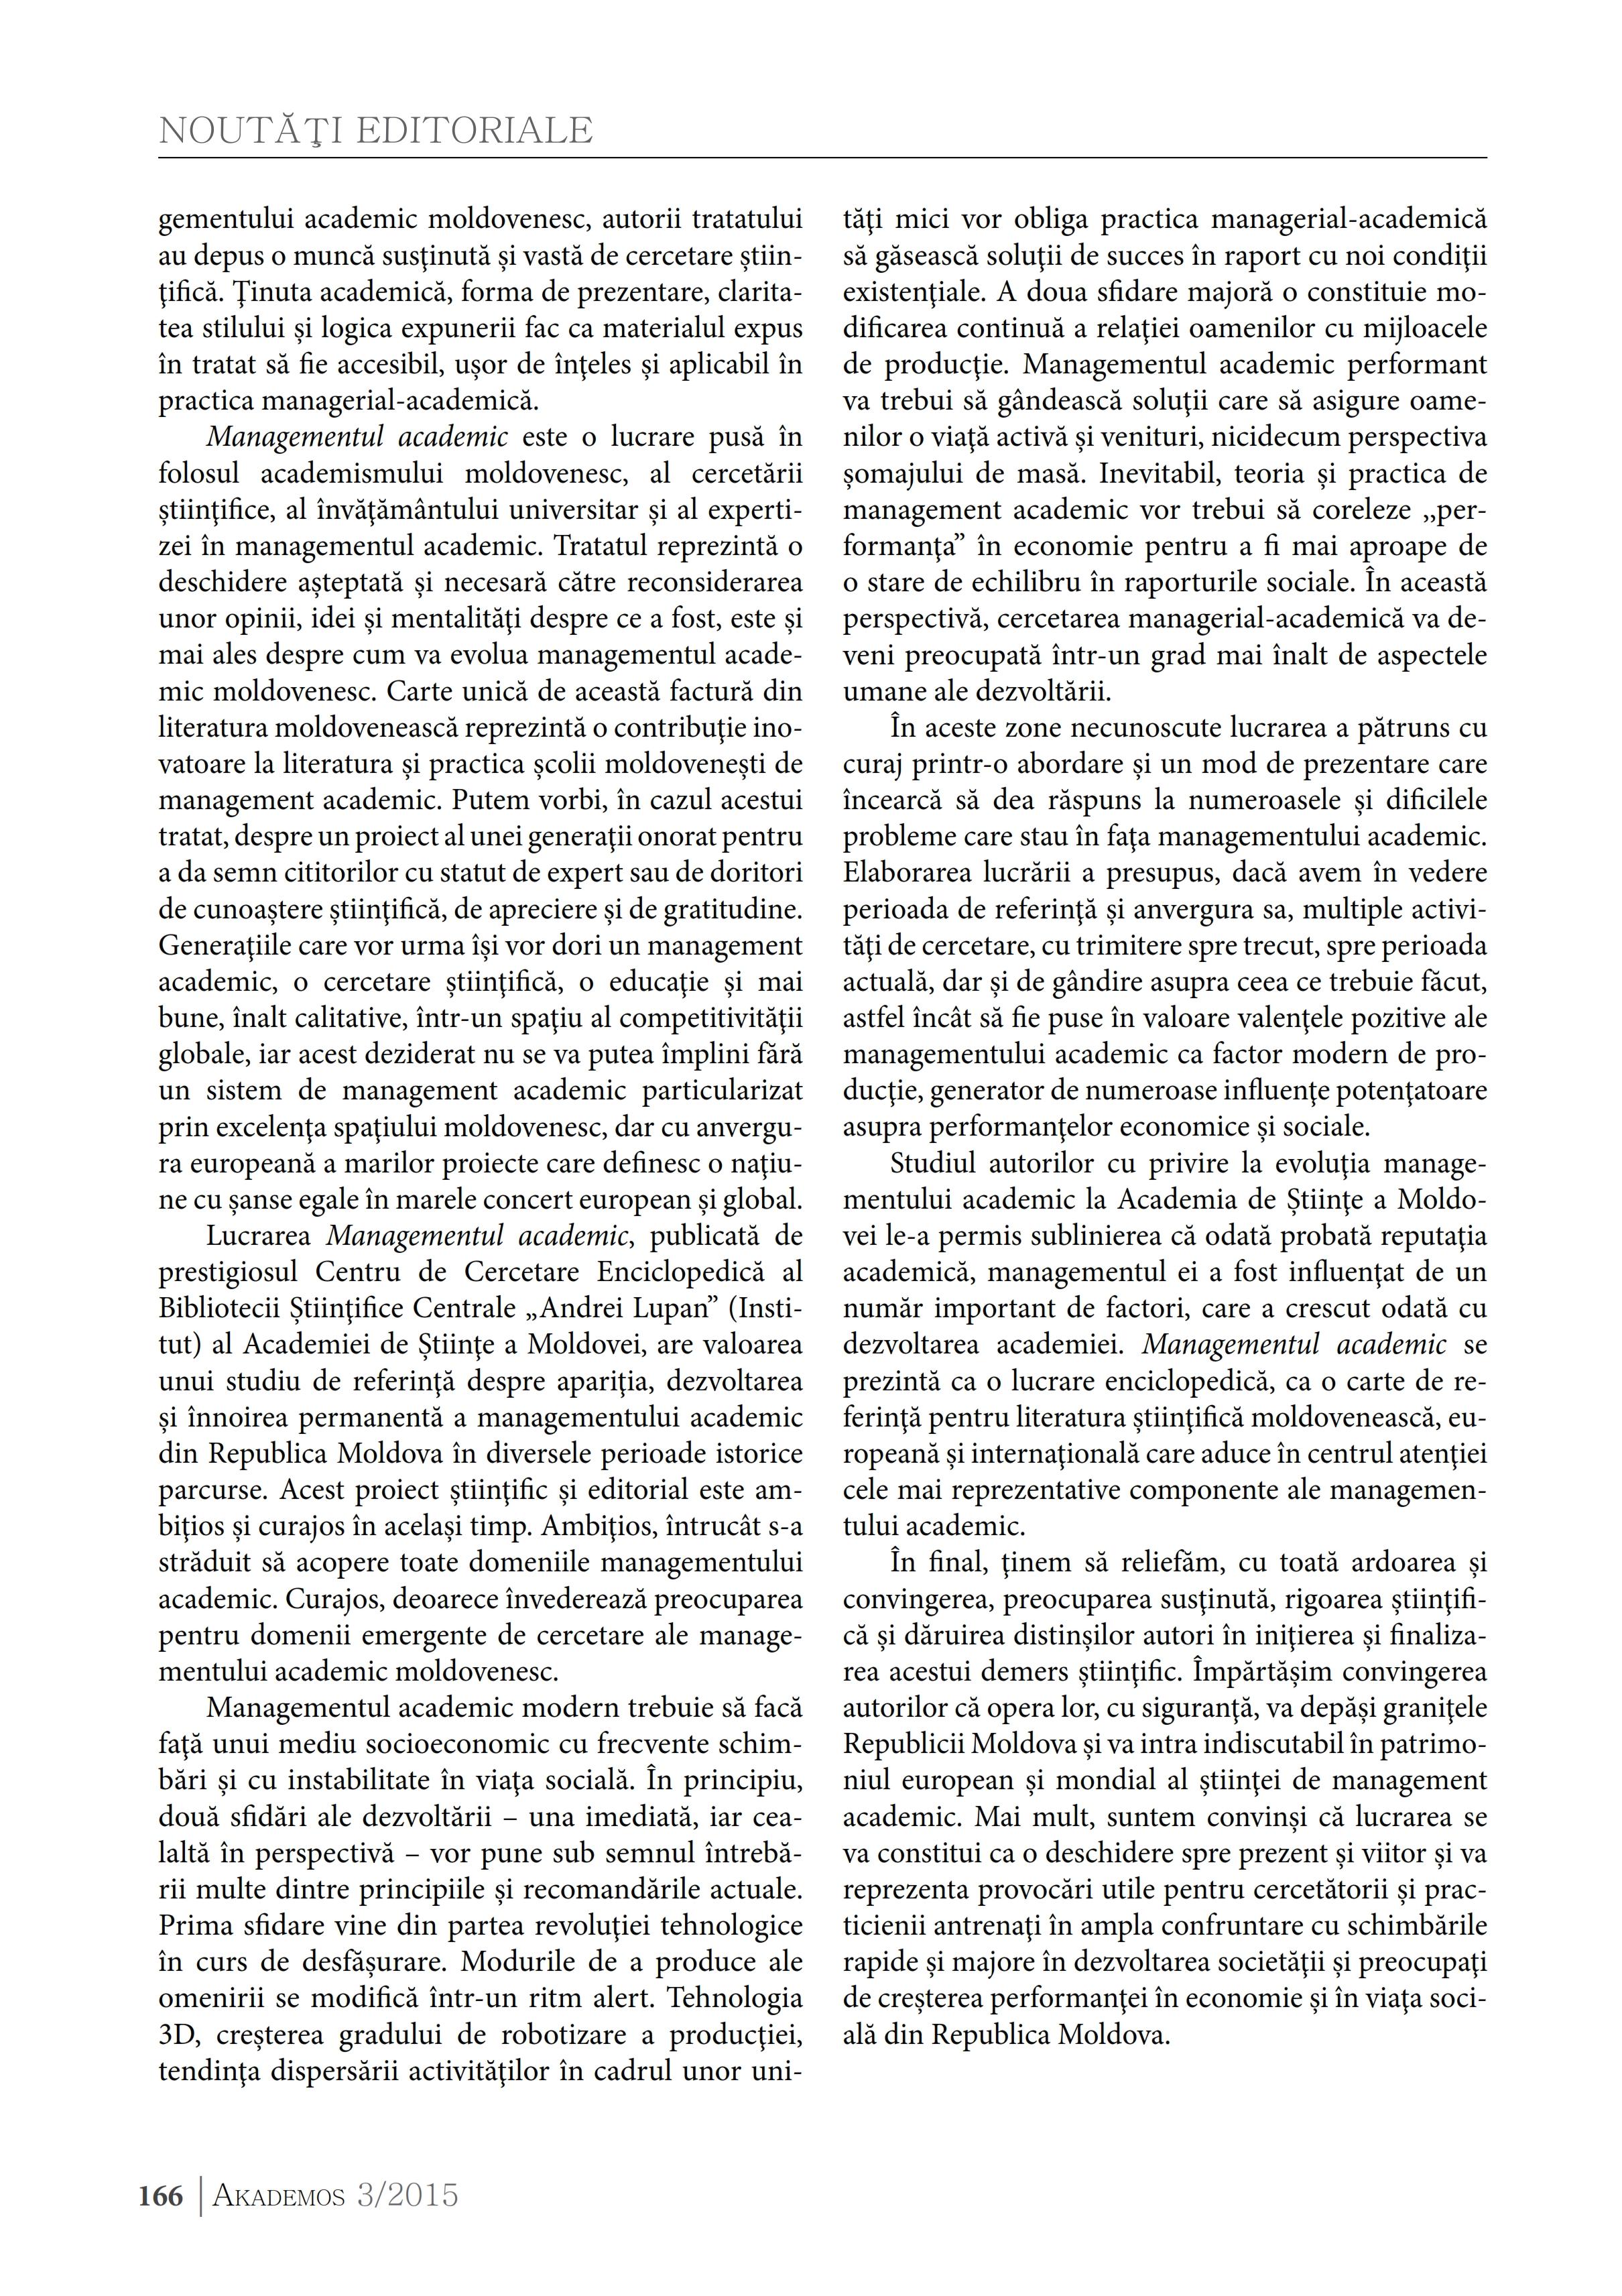 Managementul academic in folosul academismului, didacticii si cercetarii stiinţifice_004